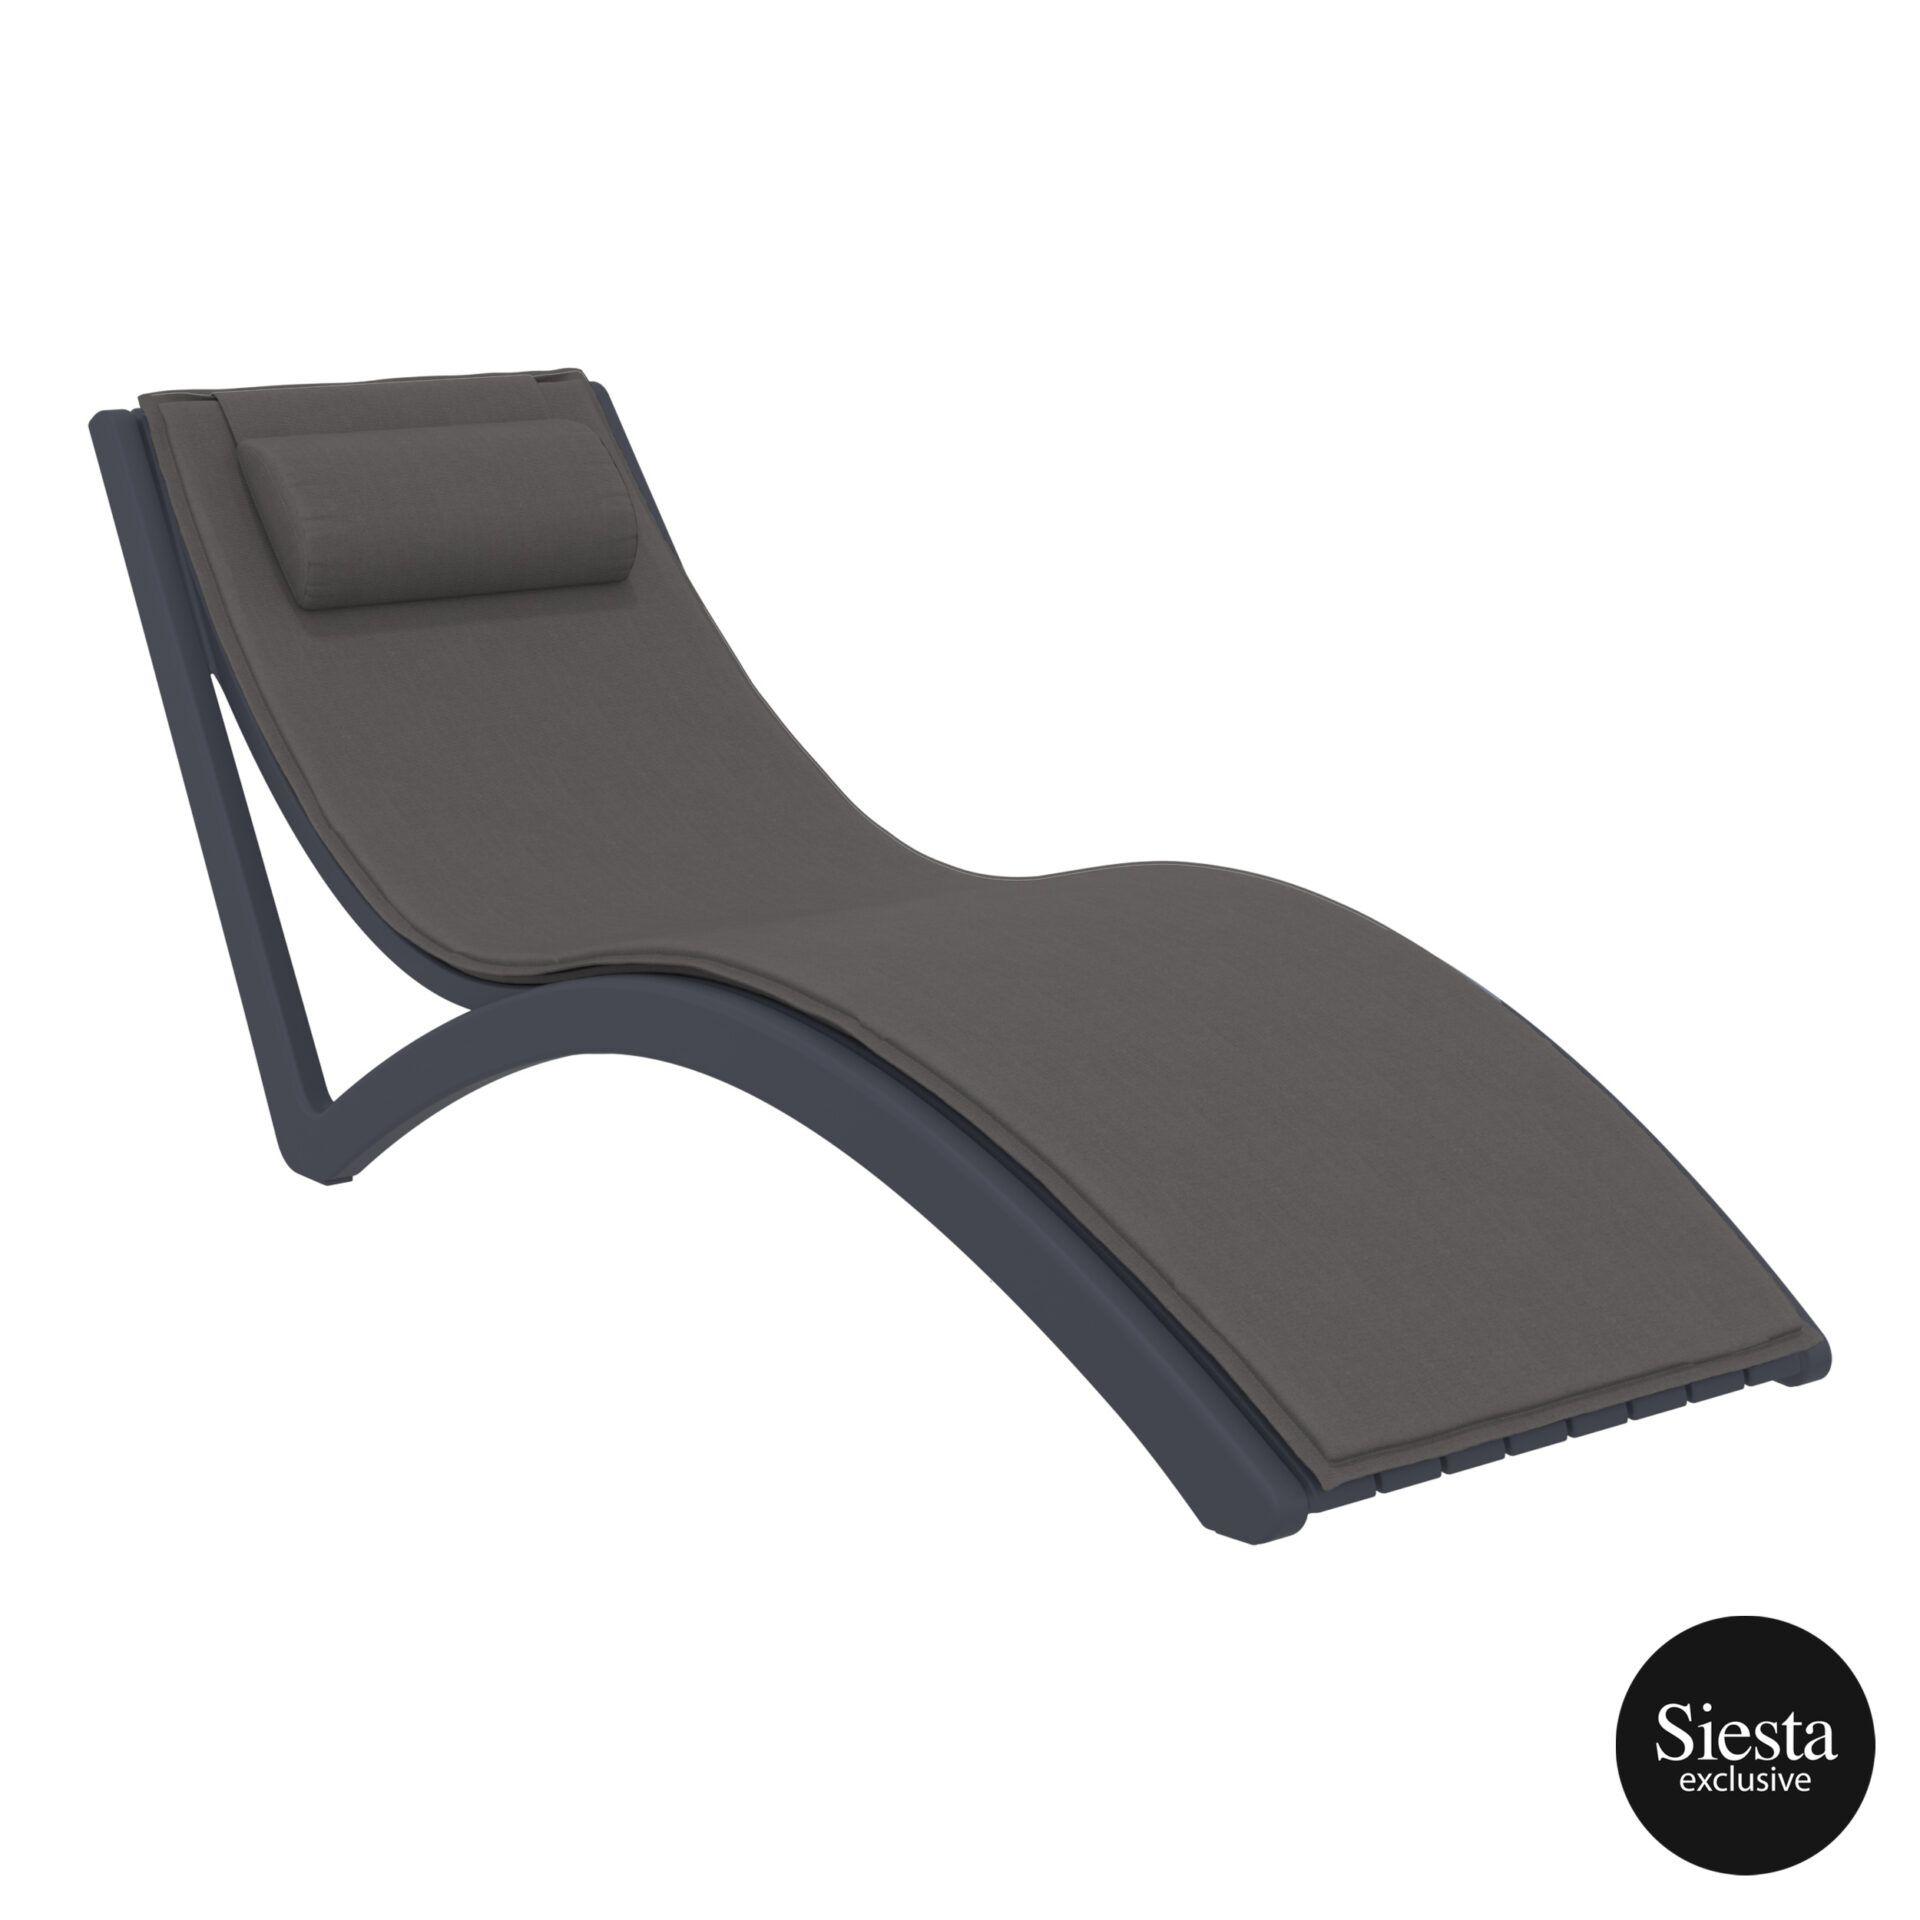 outdoor polypropylene slim sunlounger pillow cushion darkgrey darkgrey front side 1